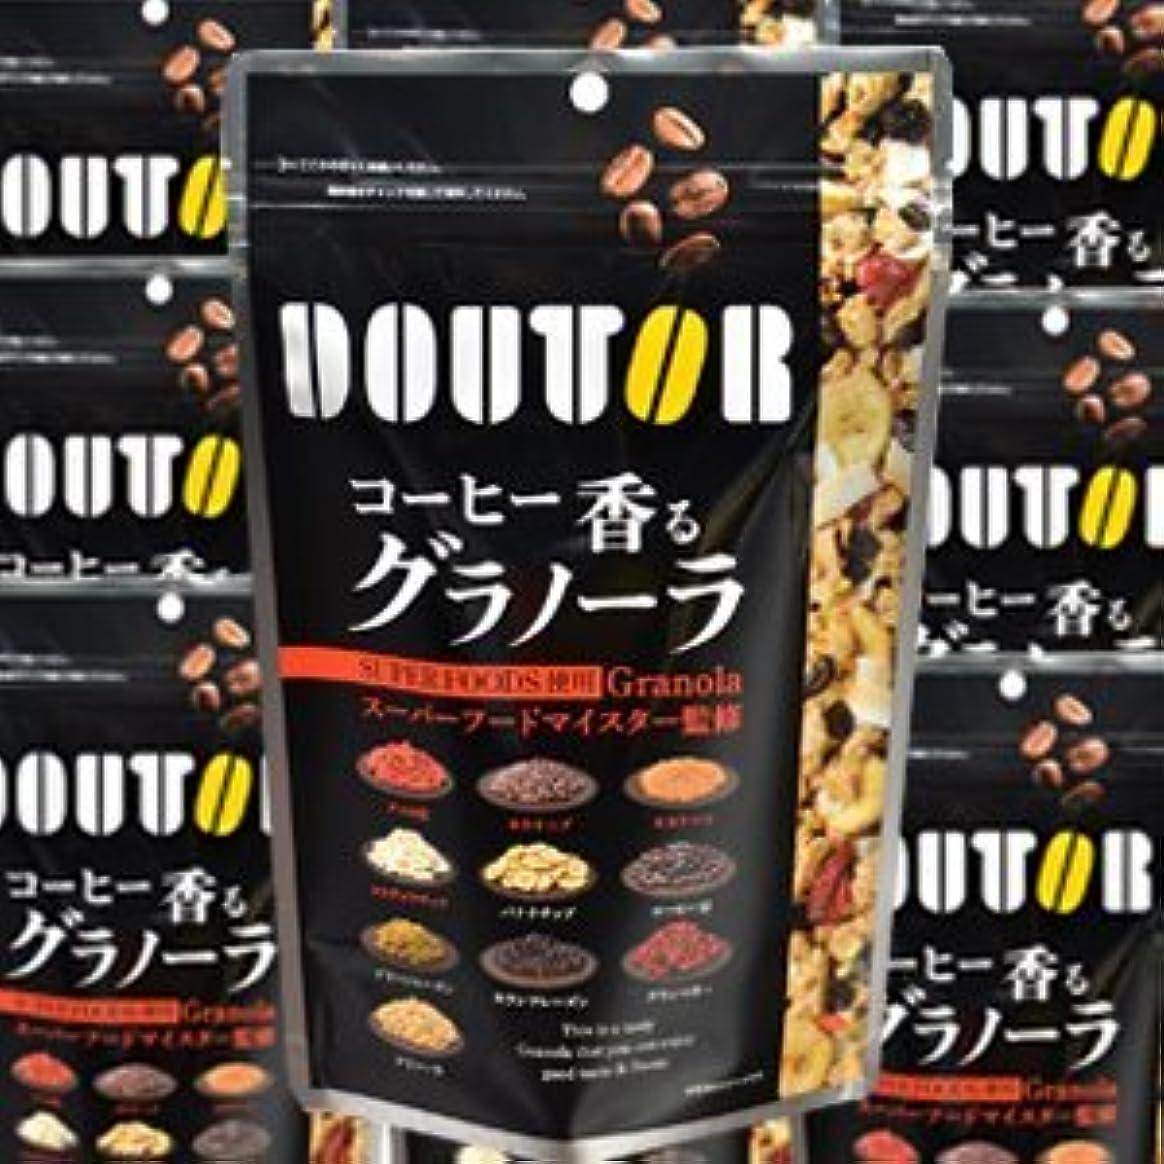 雑種寛大な黒人【3個】 ドトール コーヒー香るグラノーラ 210gx3 (4946763053654-3)